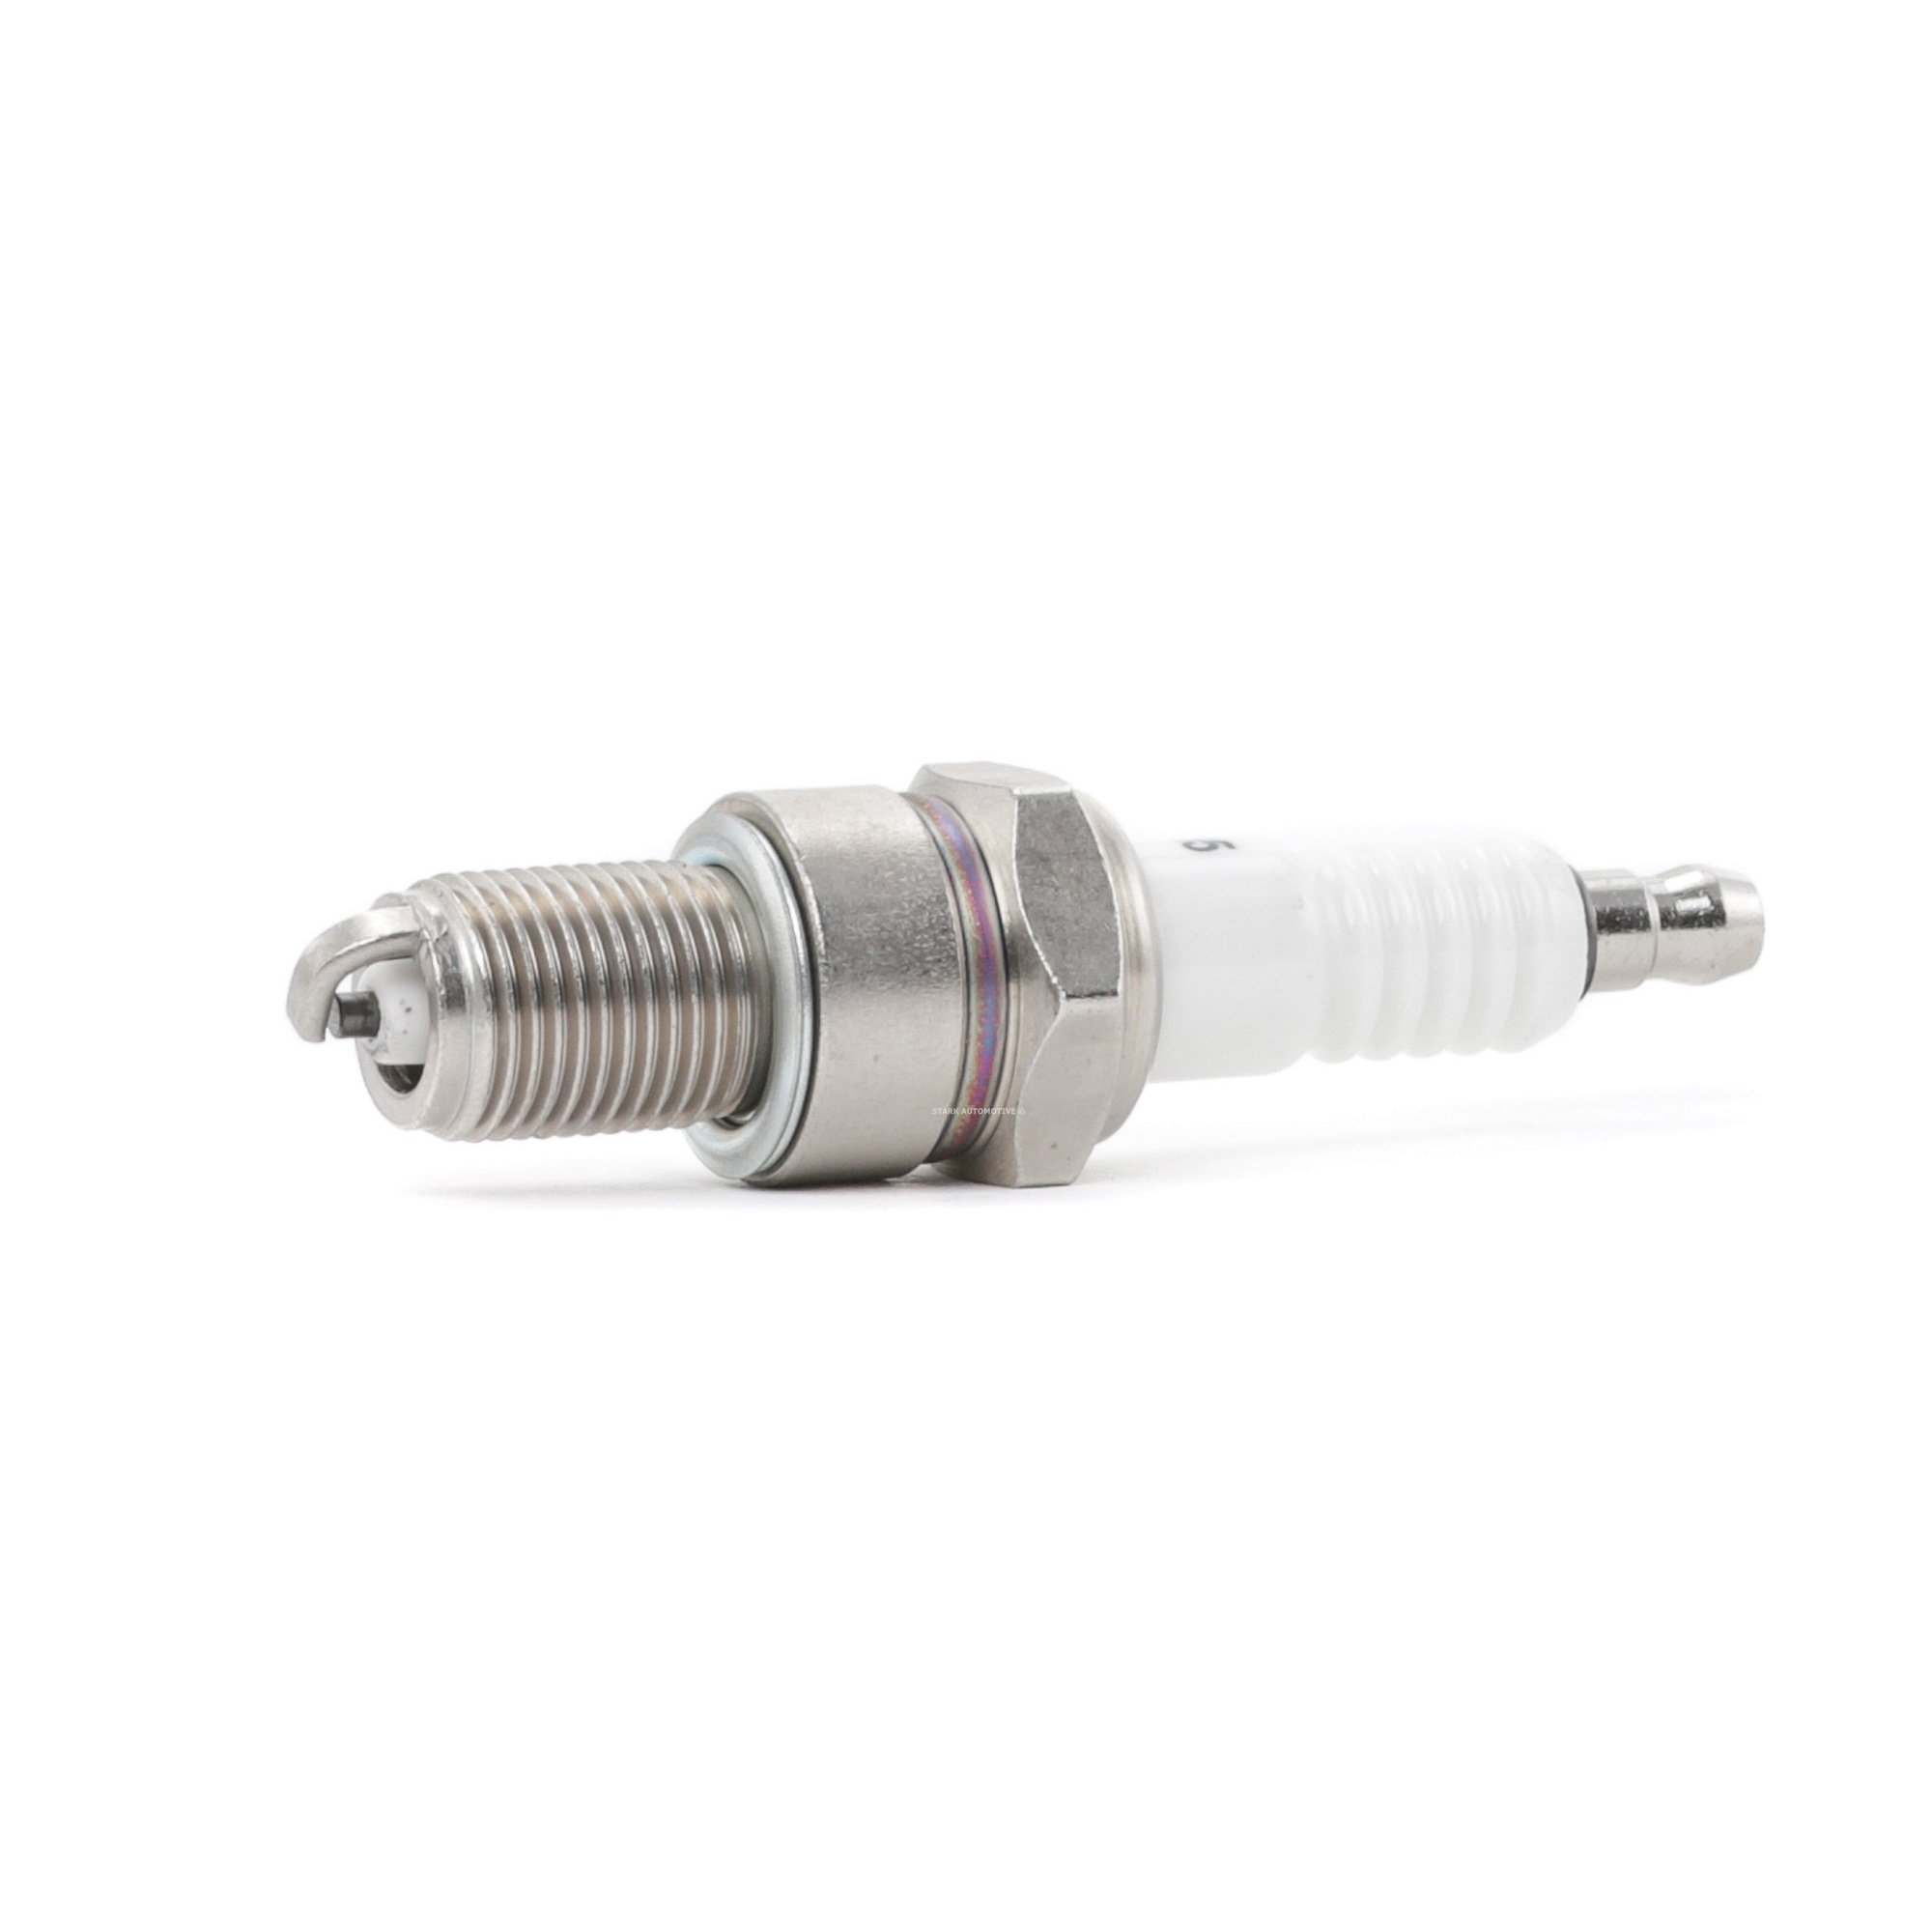 Achetez Bougies d'allumage STARK SKSP-1990068 (Écart. électr.: 0,8mm) à un rapport qualité-prix exceptionnel